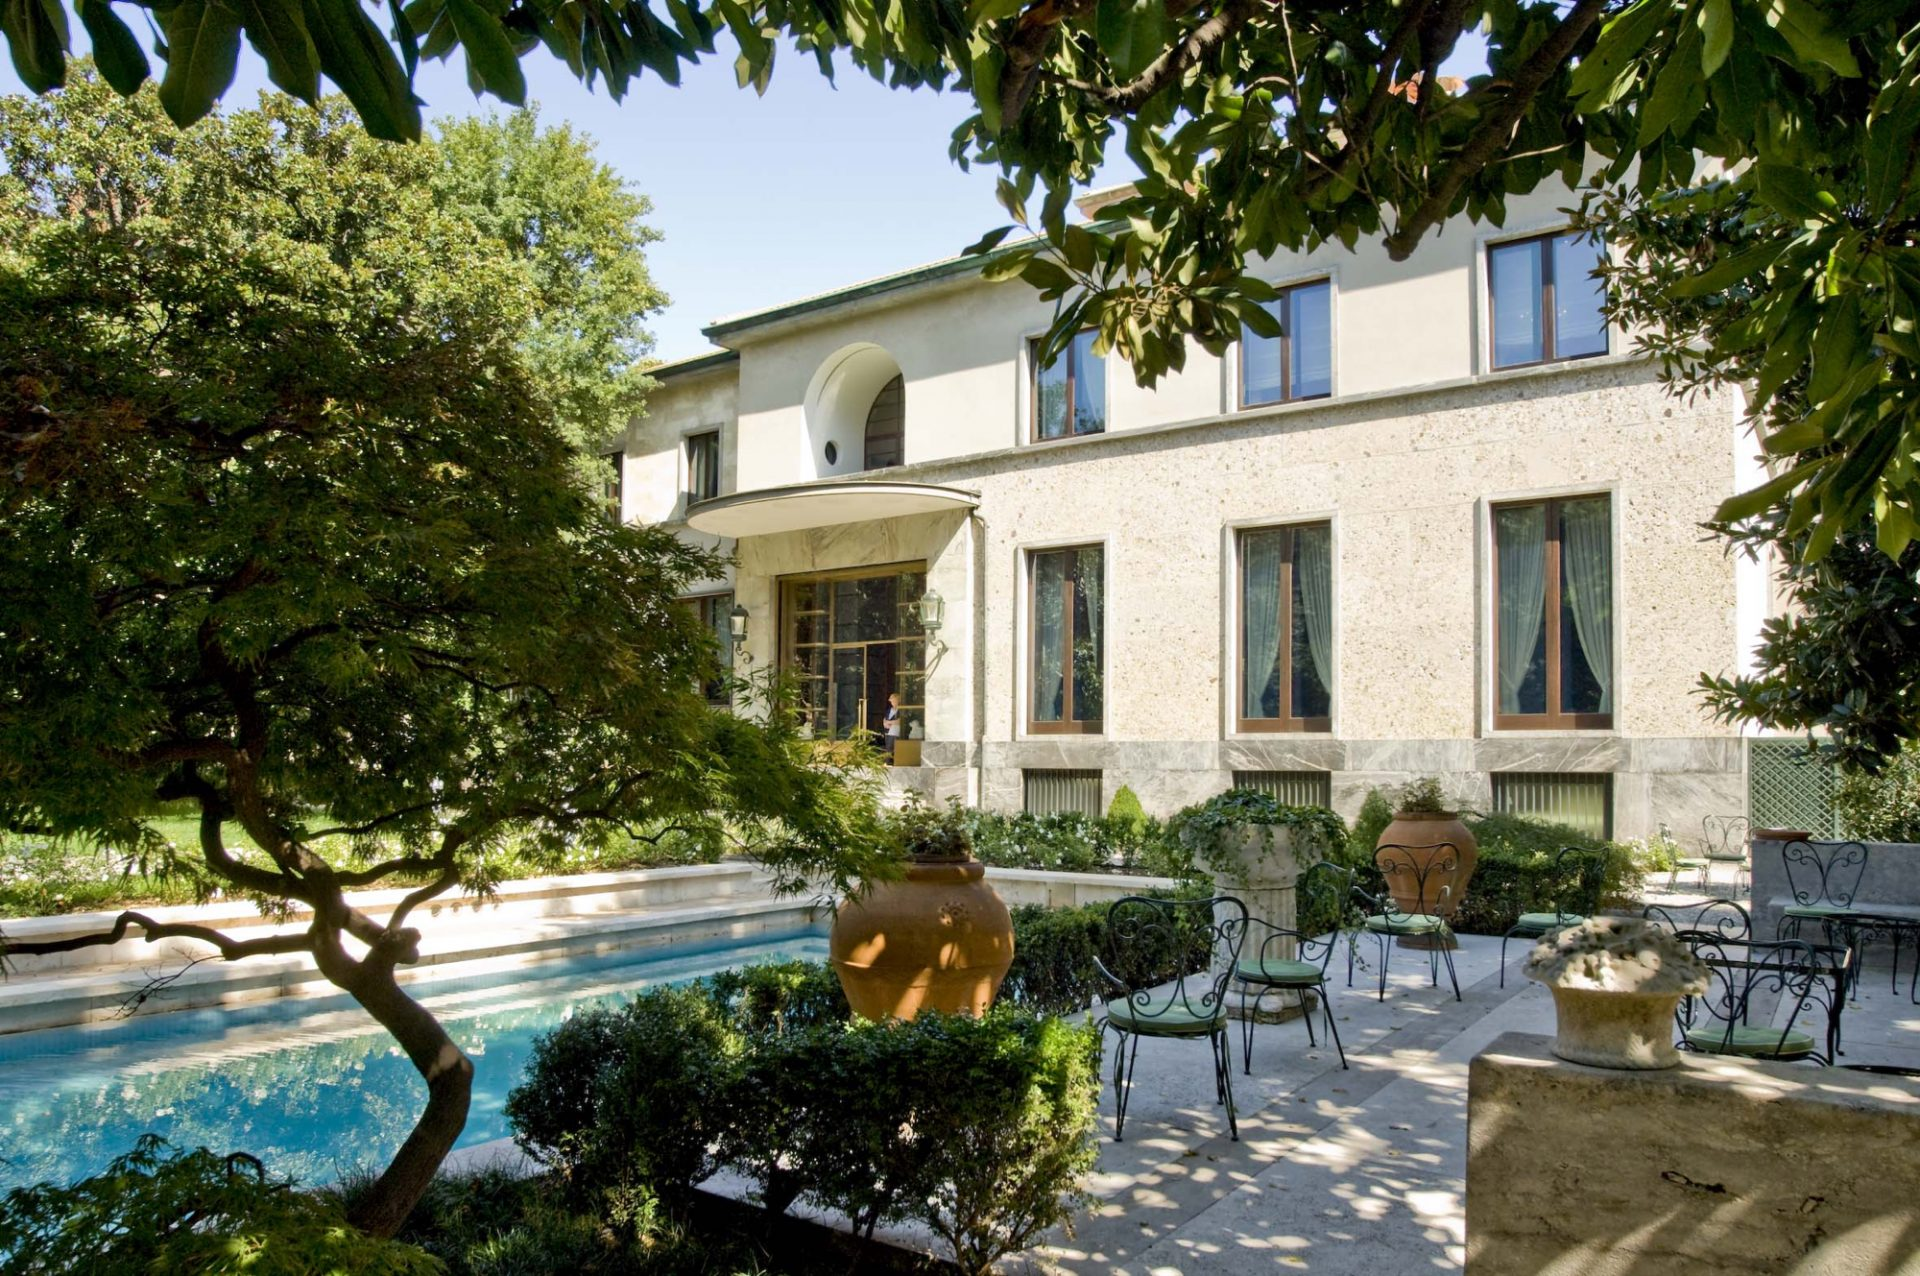 Villa-Necchi-Campiglio-milan-mediolan-desiganlive-1